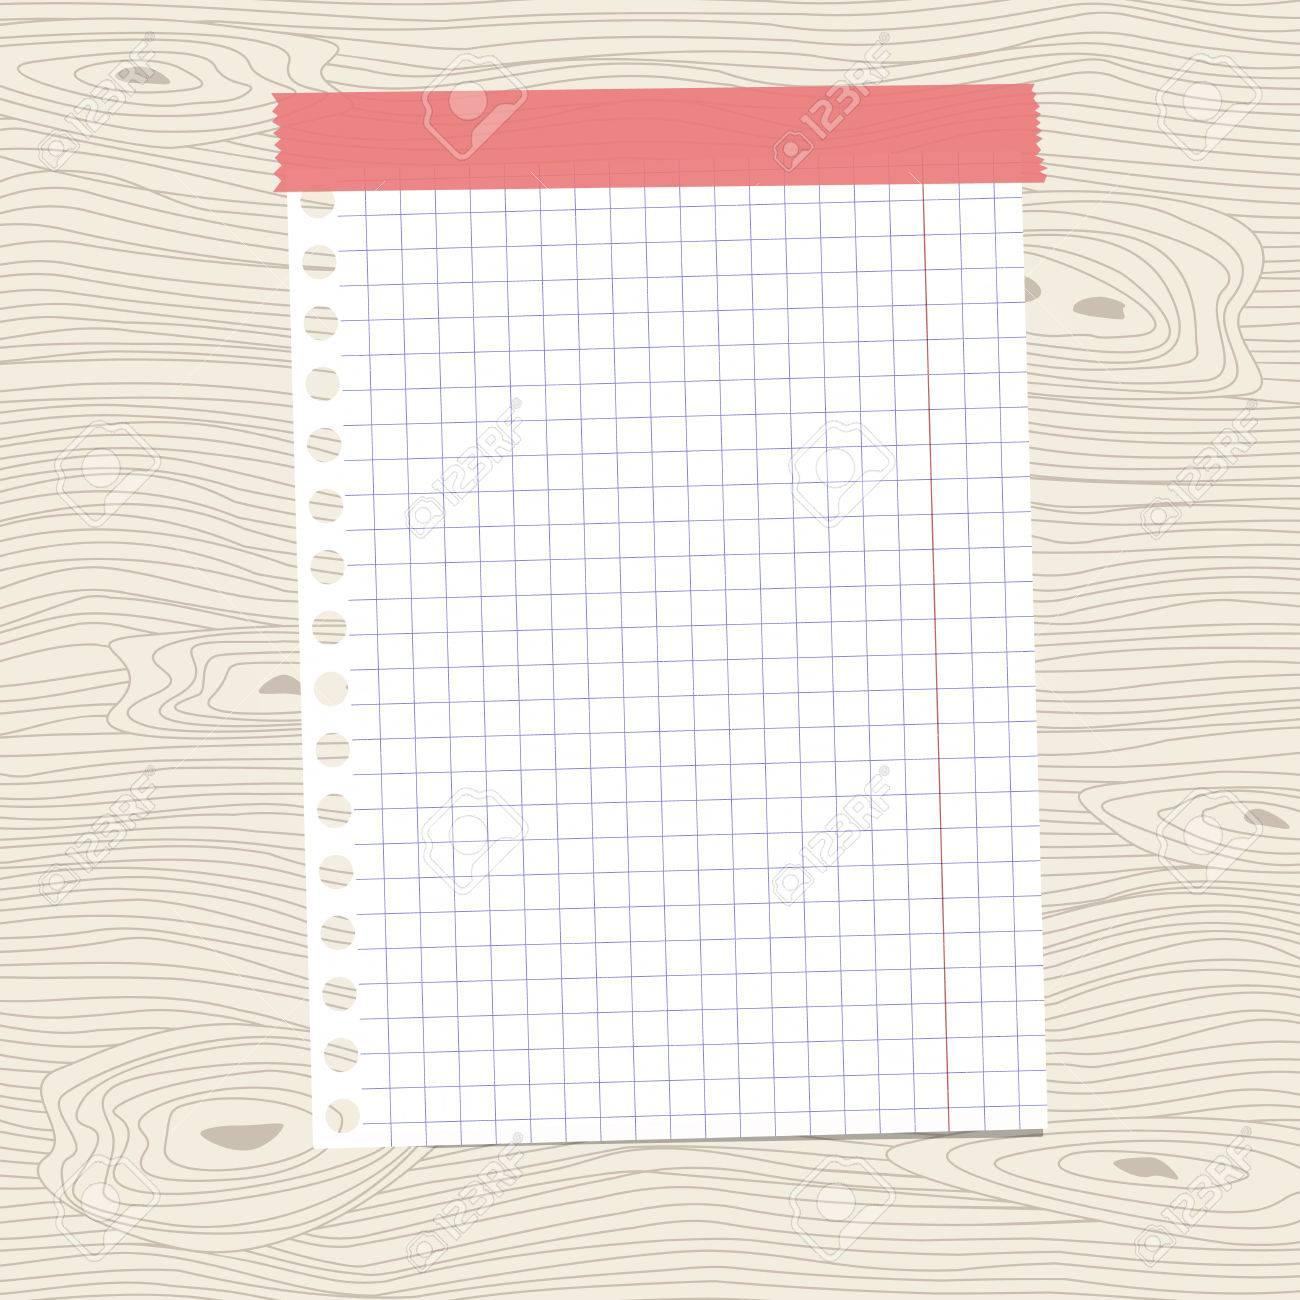 Blanc Carre Feuille De Papier D Ordinateur Portable Colle Sur Le Mur En Bois Brun Bureau